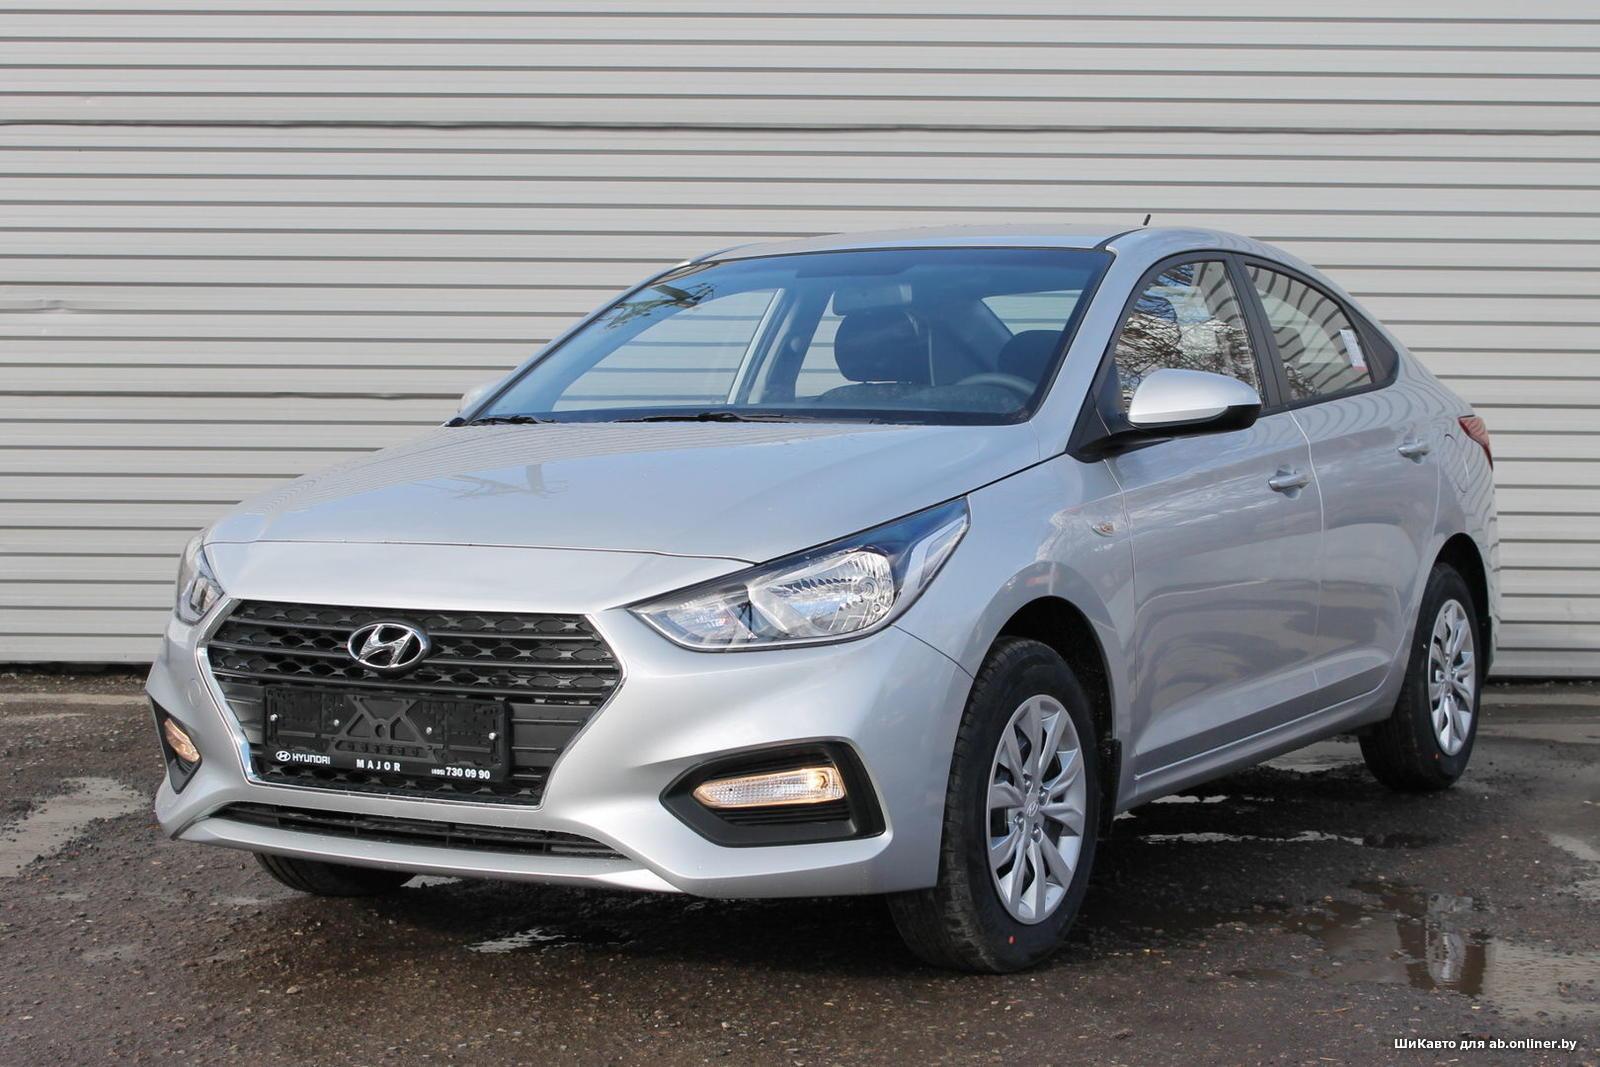 Hyundai Accent 1.4 Solaris